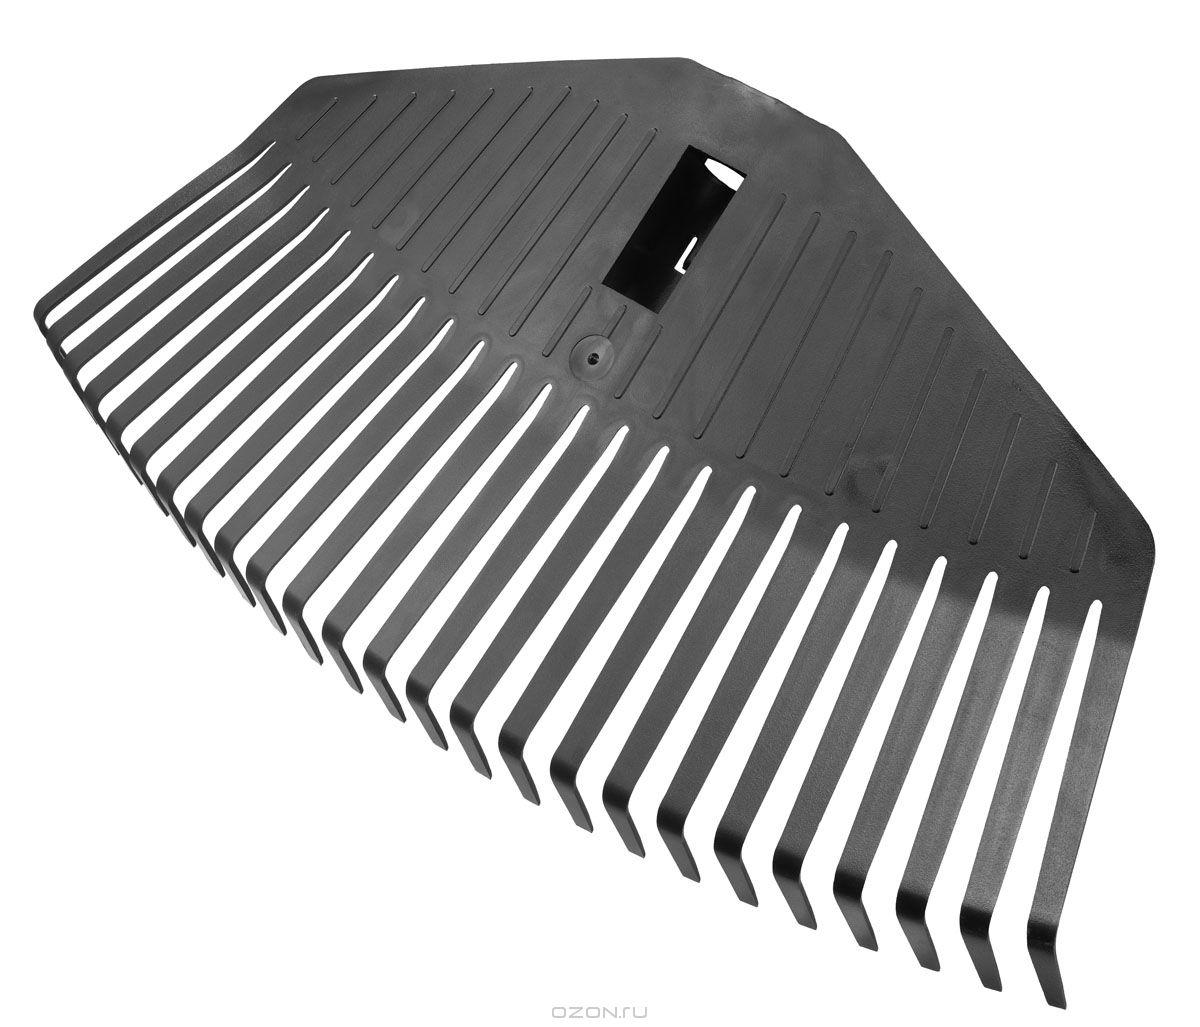 Насадка на грабли Fiskars для листьев, веерная, ширина 41,5 см. 135024K100Многофункциональные грабли Fiskars для листьев, предназначенные для работ на небольших площадях, вокруг деревьев или под кустарниками. Ширина насадки позволяет работать граблями за считанные секунды. Так что при наступлении осеннего листопада, вы можете очистить ваш газон за считанные мгновенья.Подходят для небольших поверхностей, вокруг деревьев, под кустарниками.Подходят для неровных поверхностей.